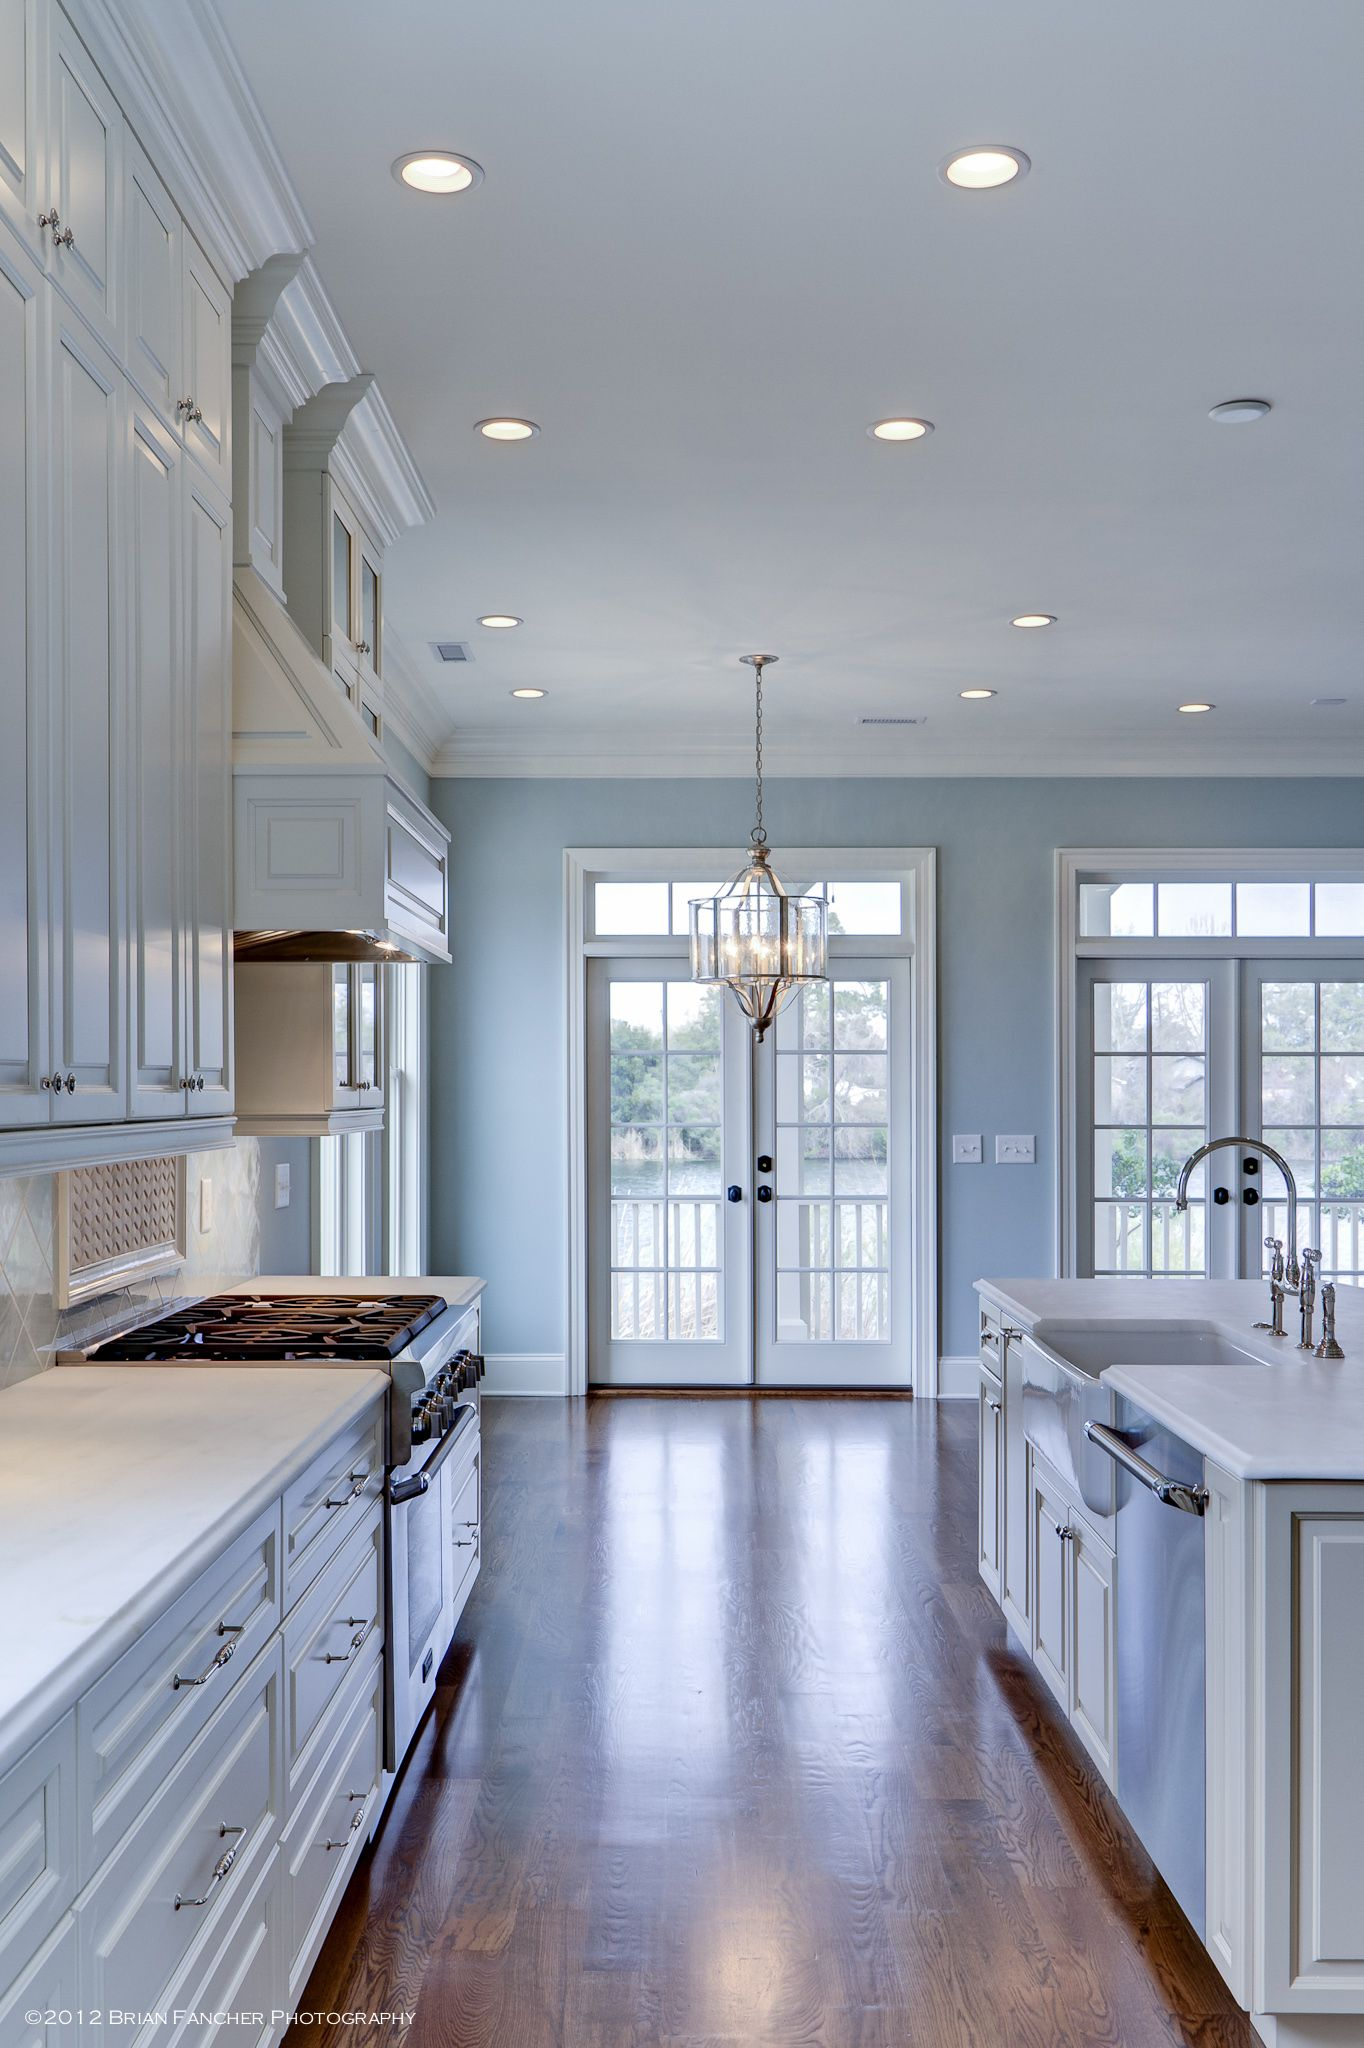 103108 AllisonRamseyArchitects in 2020 Popular kitchen